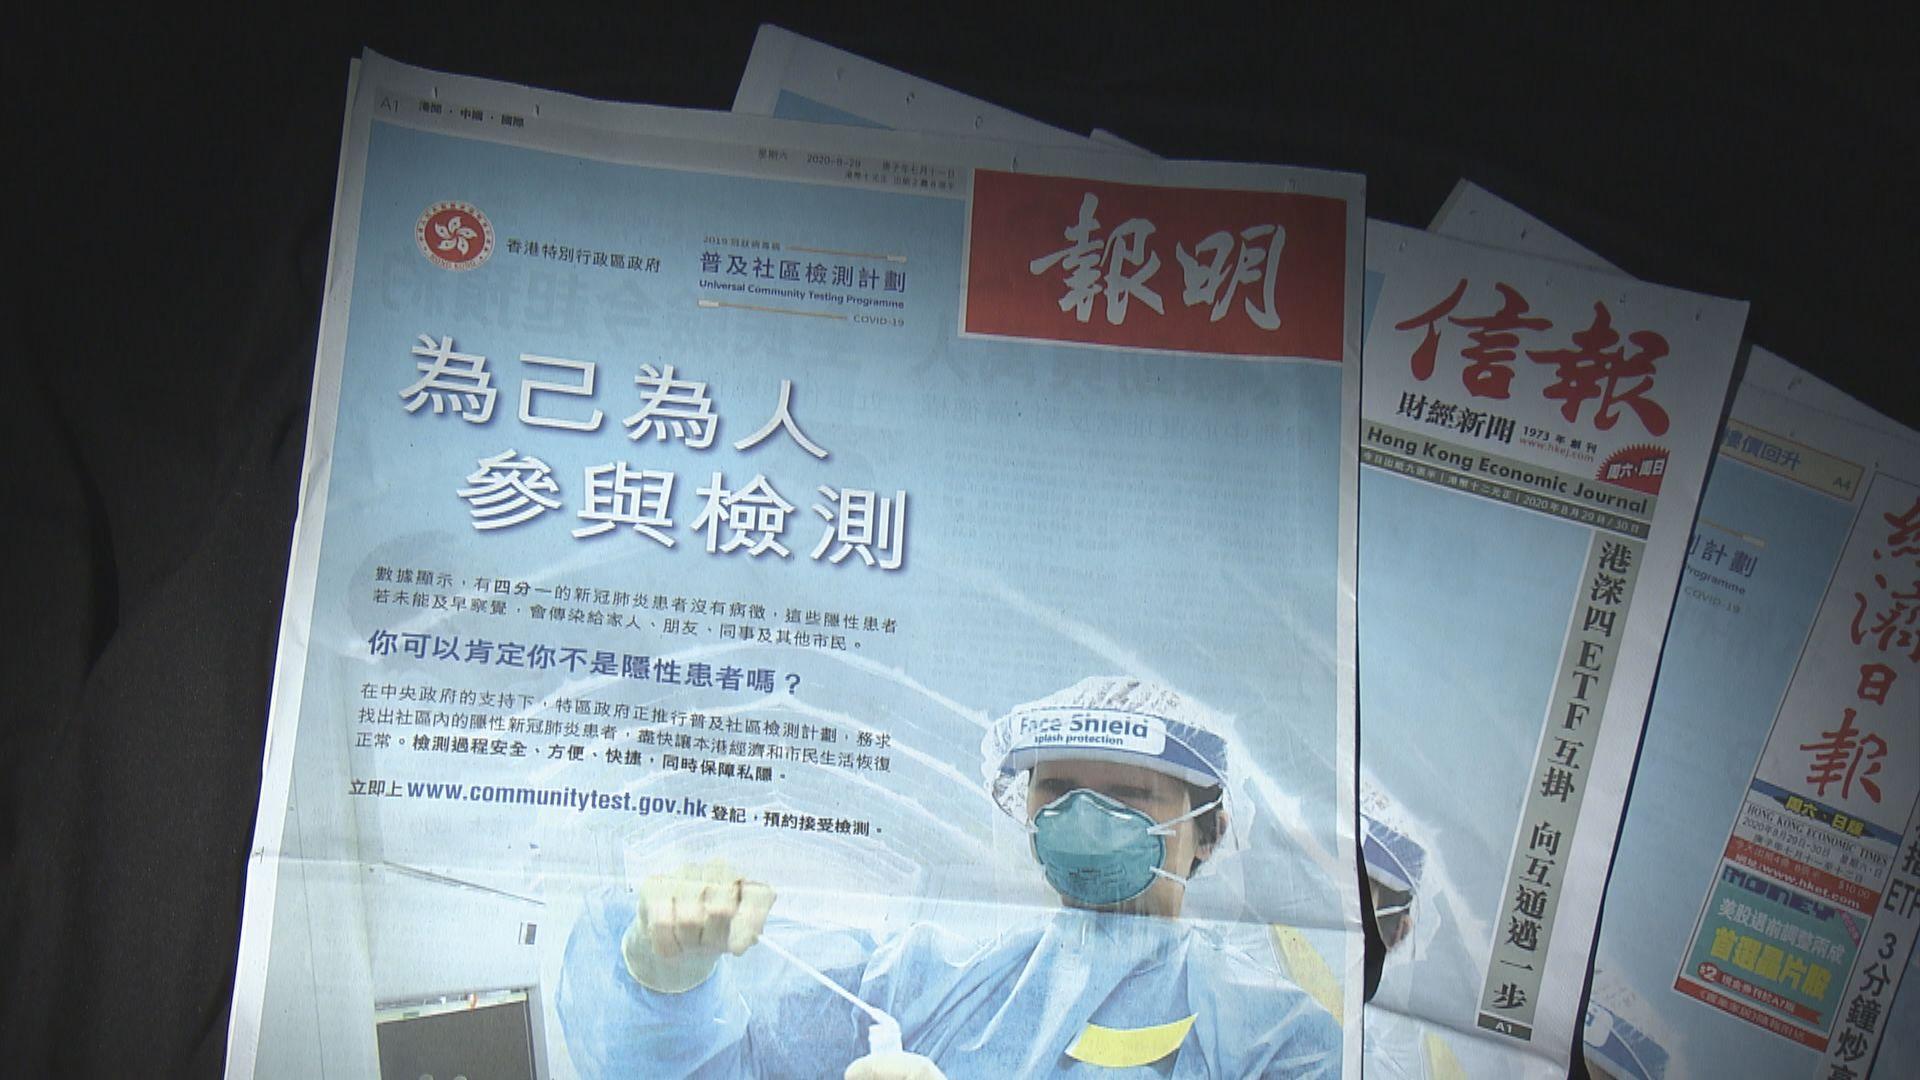 政府在多份報章登廣告 呼籲市民接受檢測